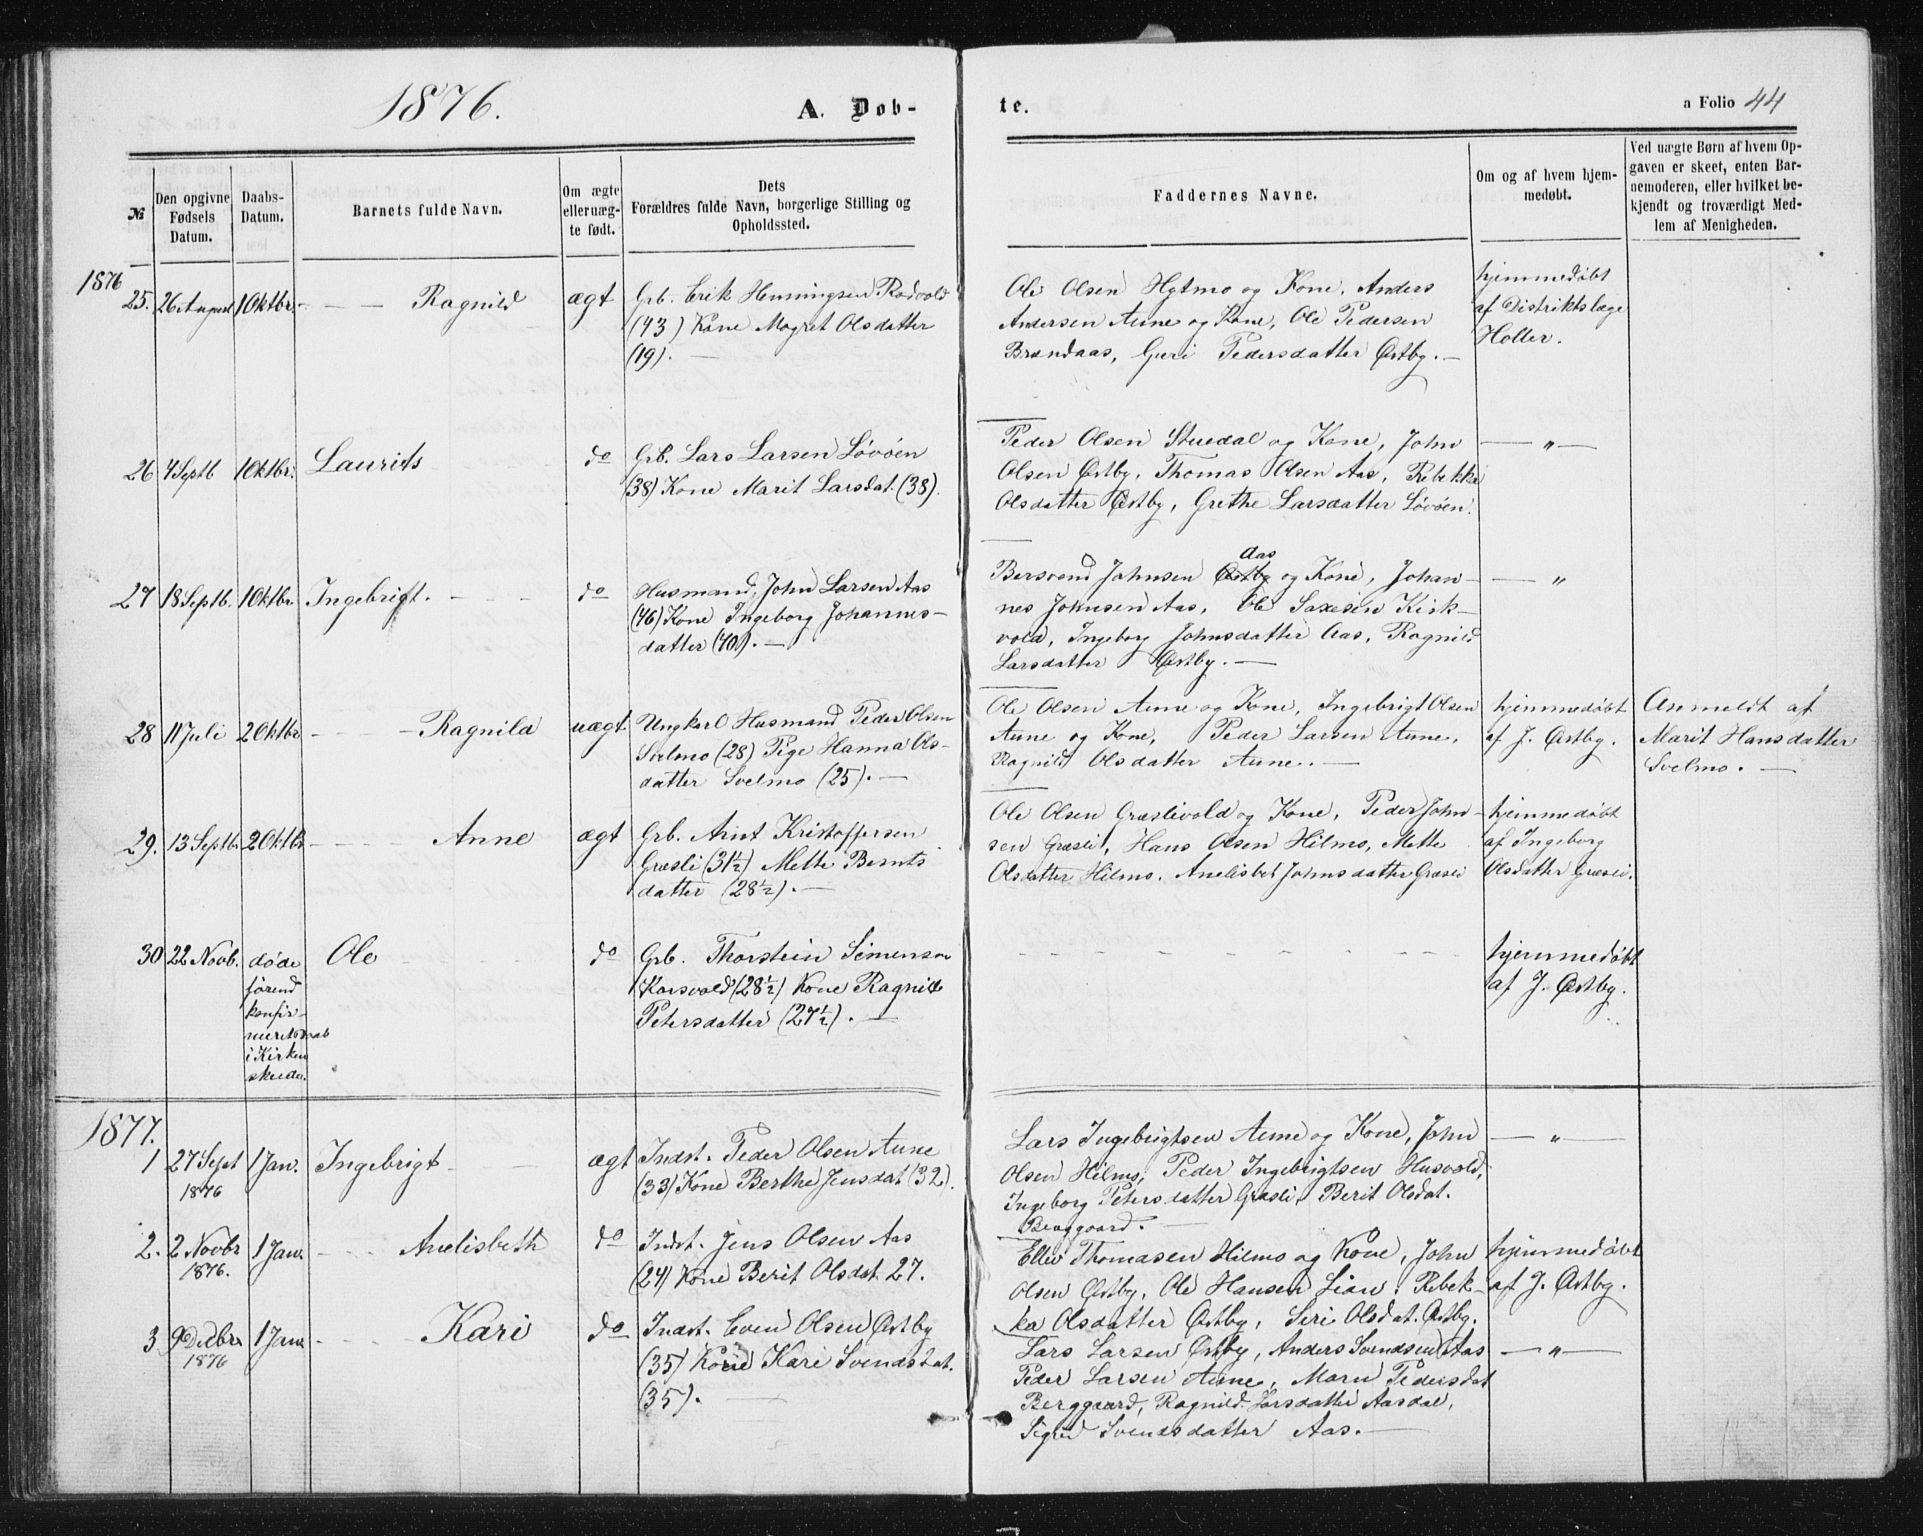 SAT, Ministerialprotokoller, klokkerbøker og fødselsregistre - Sør-Trøndelag, 698/L1166: Klokkerbok nr. 698C03, 1861-1887, s. 44